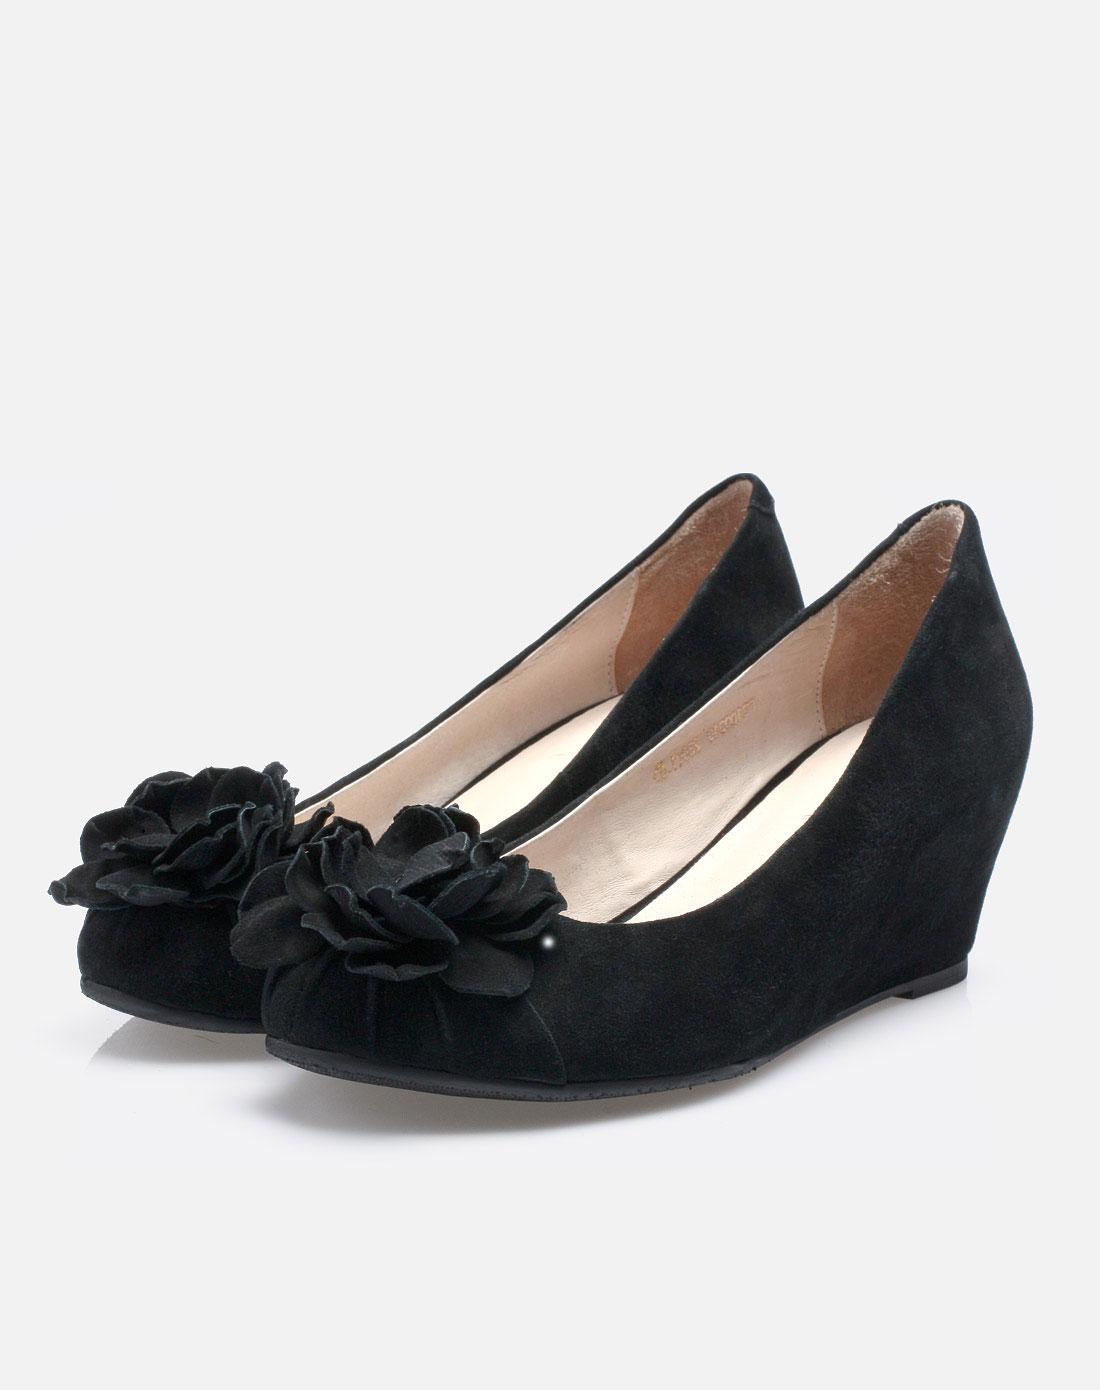 坡跟女单鞋f2100910